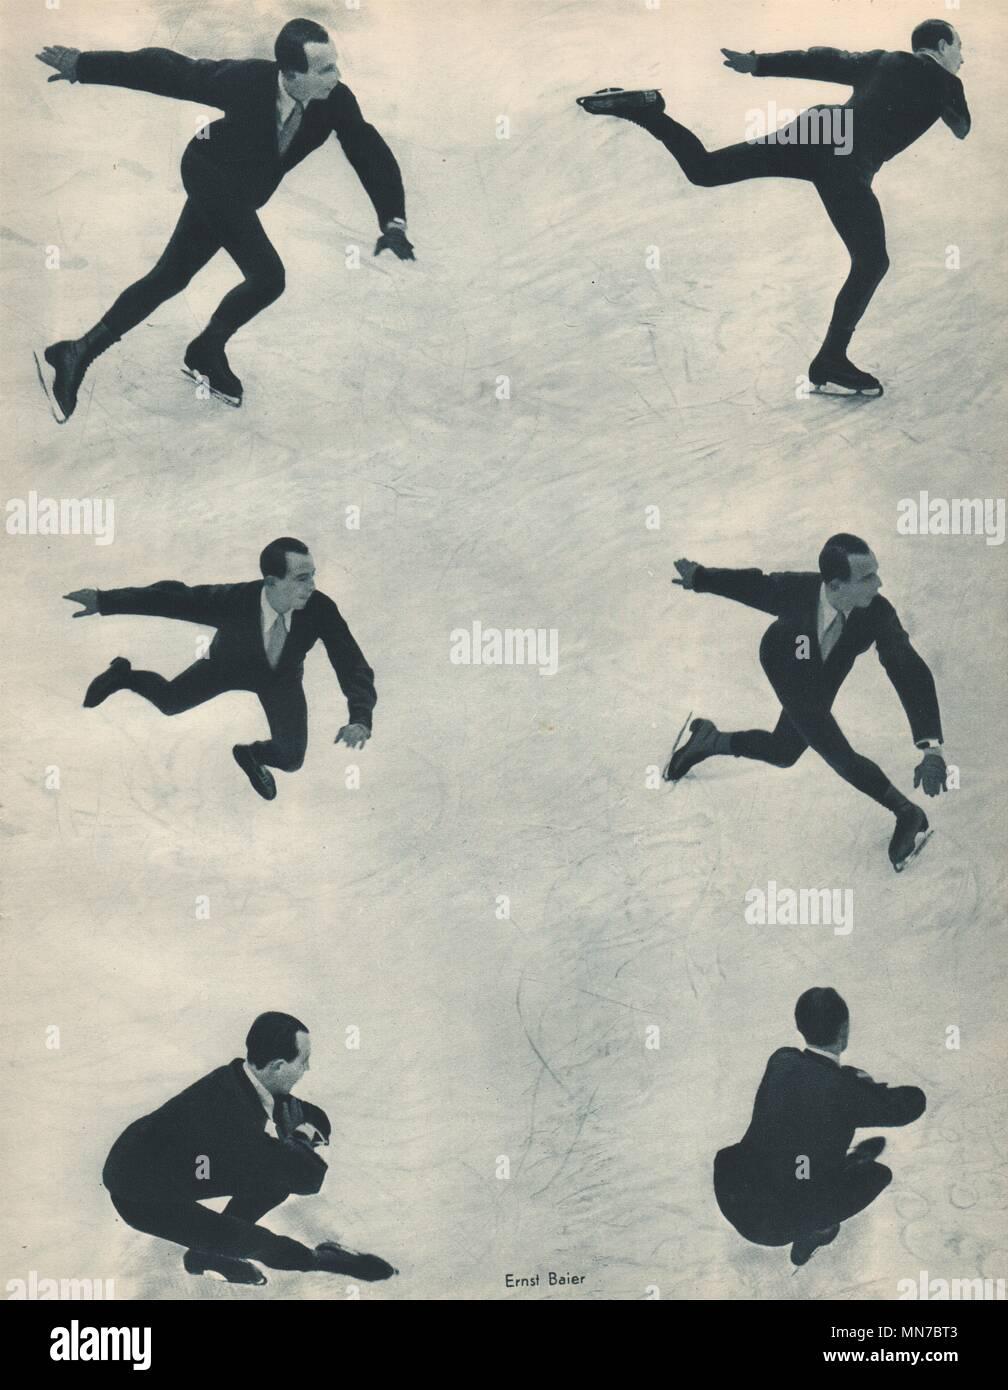 ICE FIGURE SKATING. Ernst Baier - German Champion - Deutscher Meister (2) 1935 - Stock Image